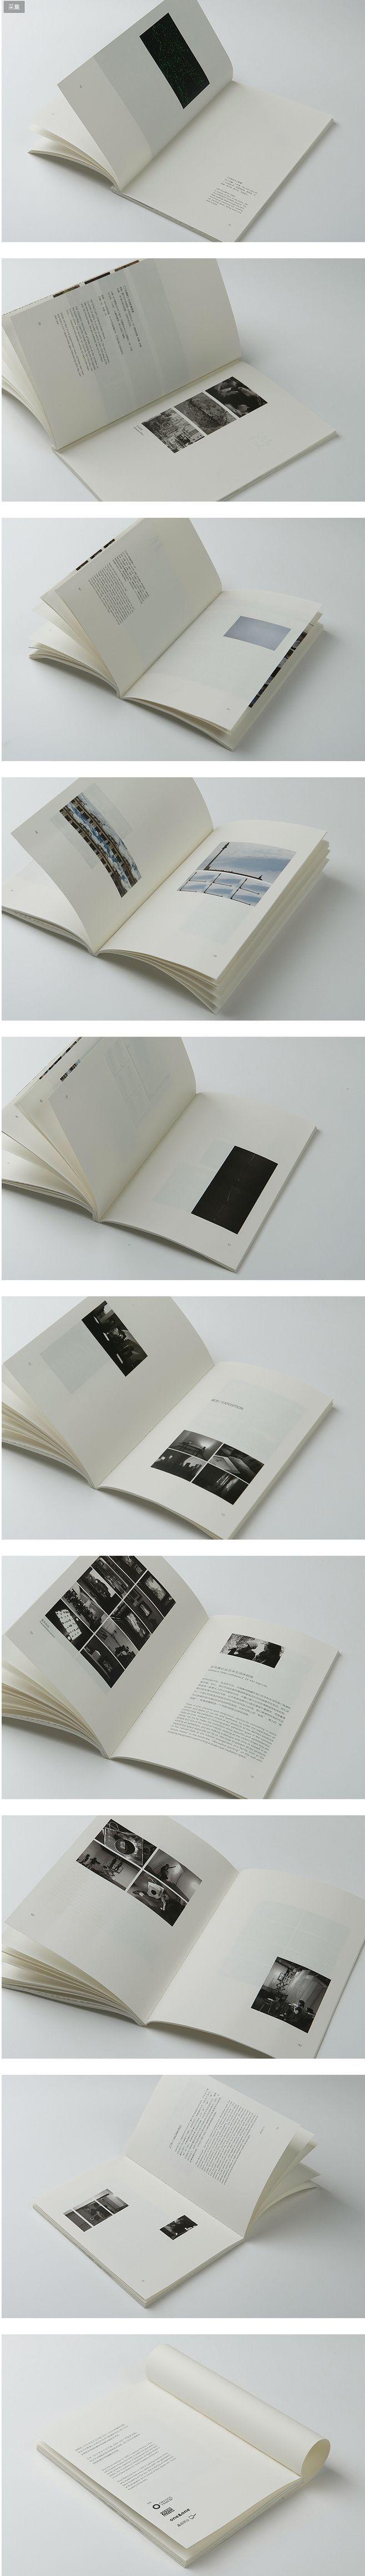 时间标本-画册设计 书装/画册 平面 之...